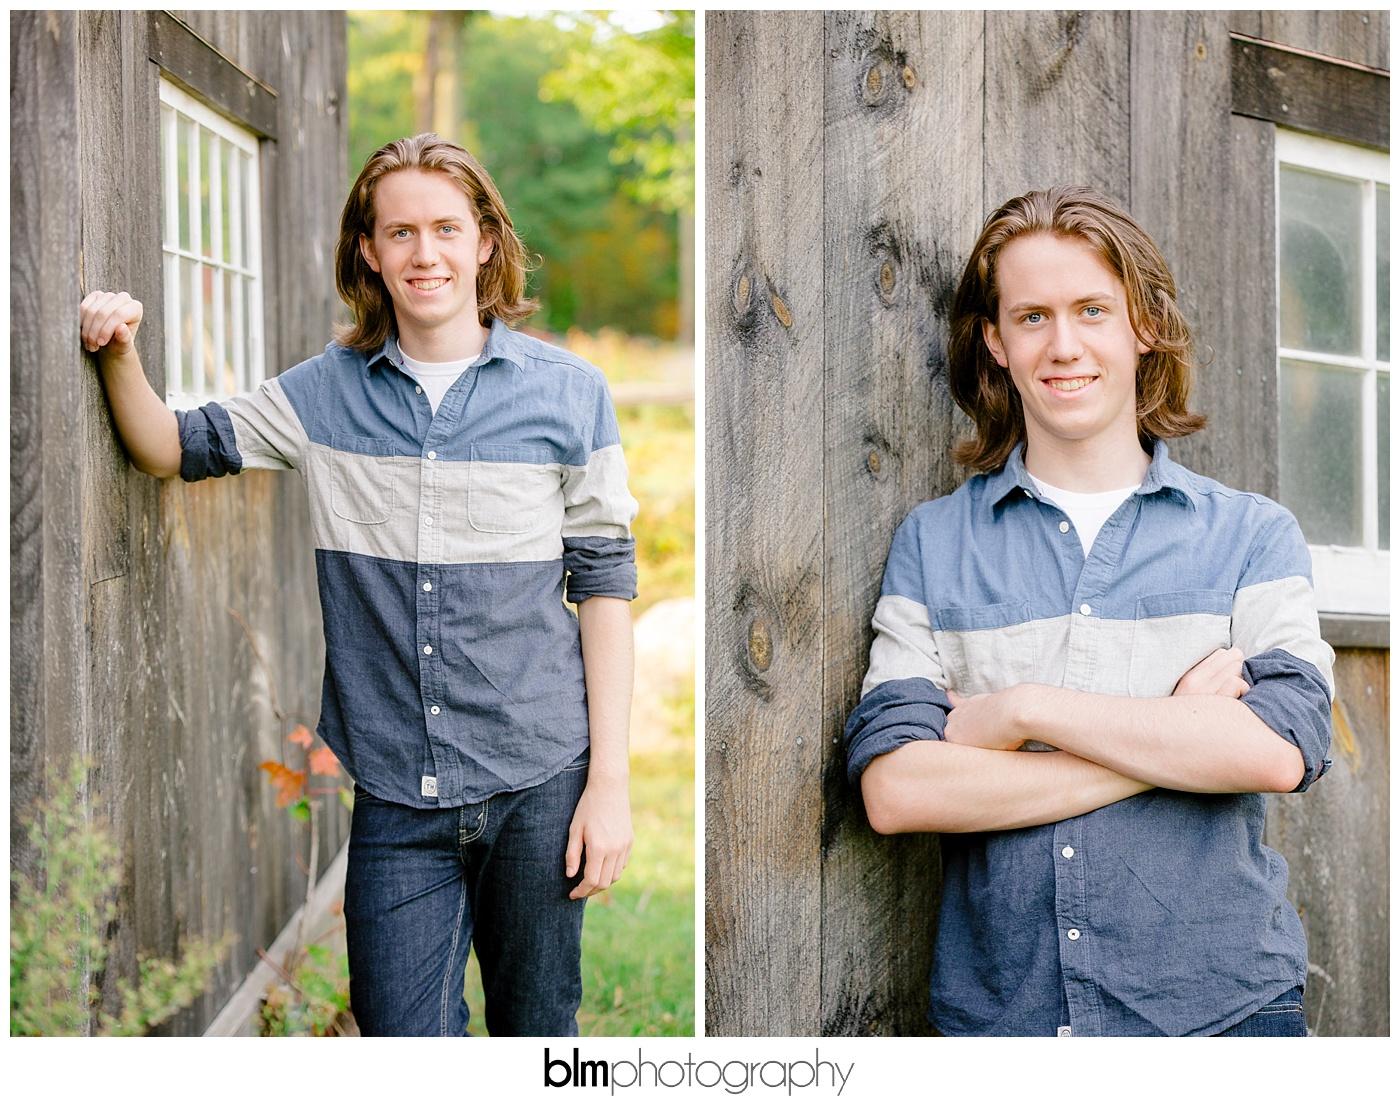 Ryan-Hoiriis_Senior-Portraits_092116-8421.jpg